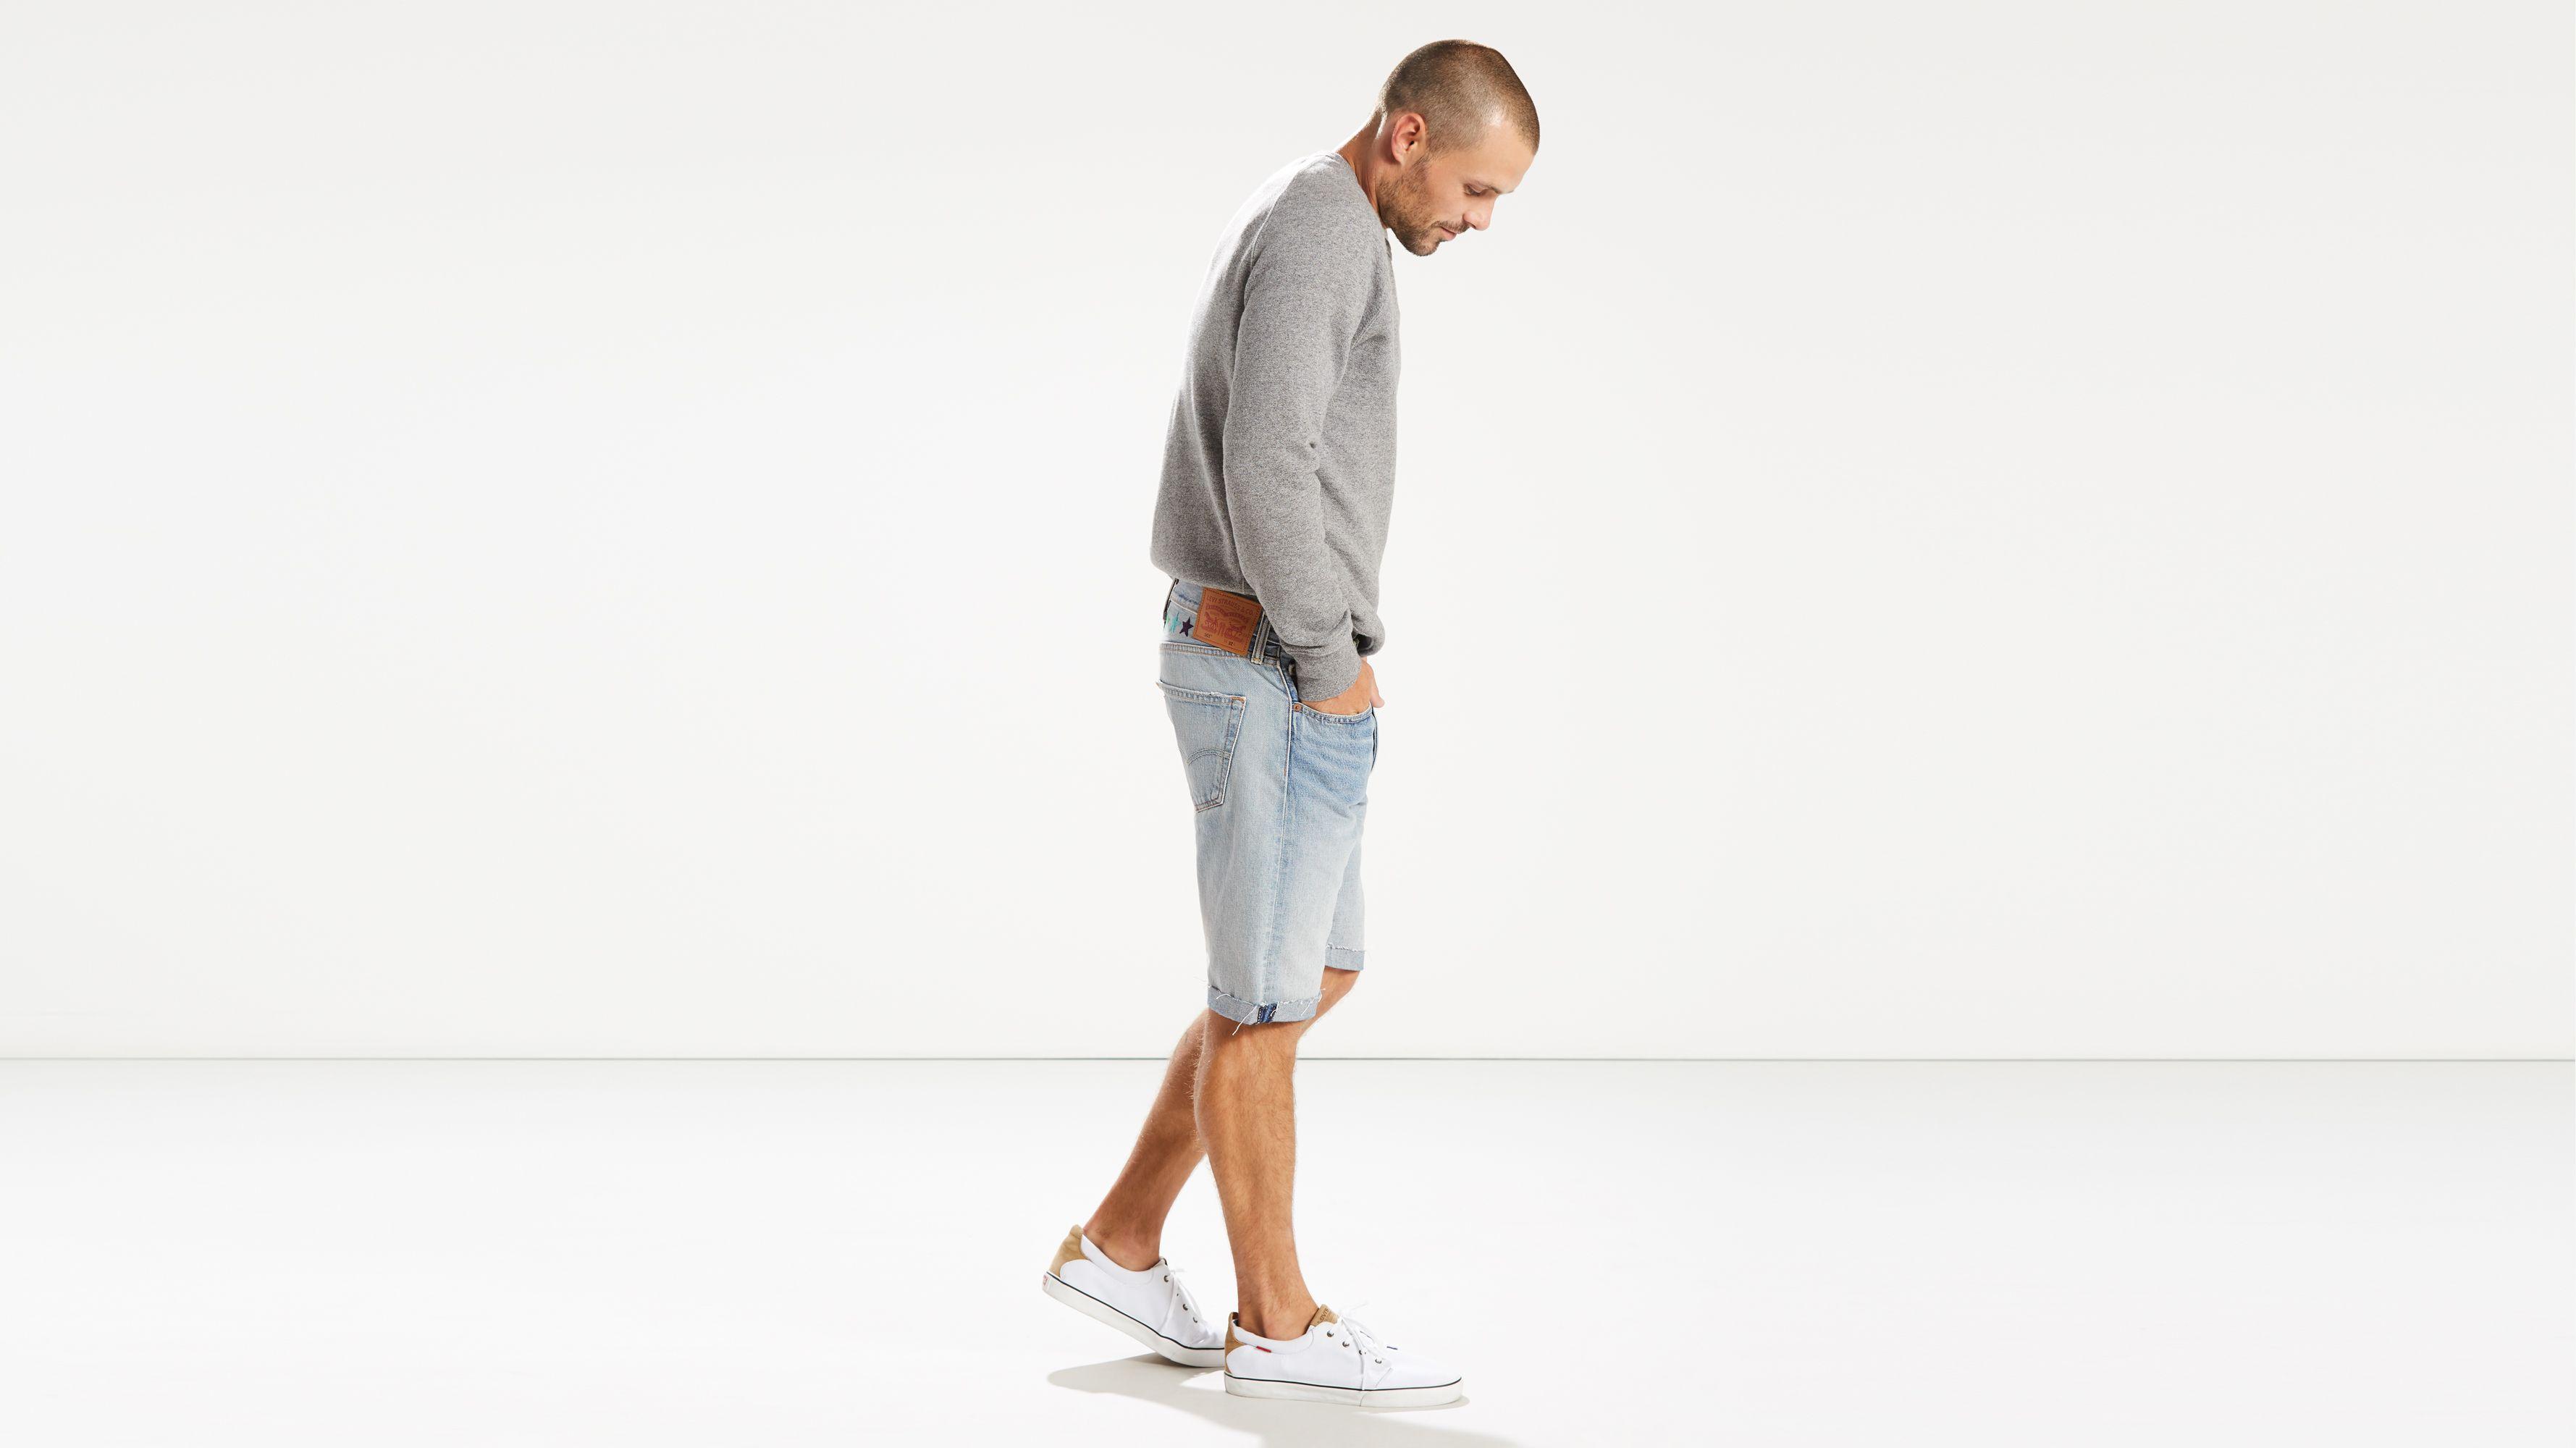 e91040fd6ff2 Levi s® Pride 501® Original Fit Cut-off Shorts - Light Wash